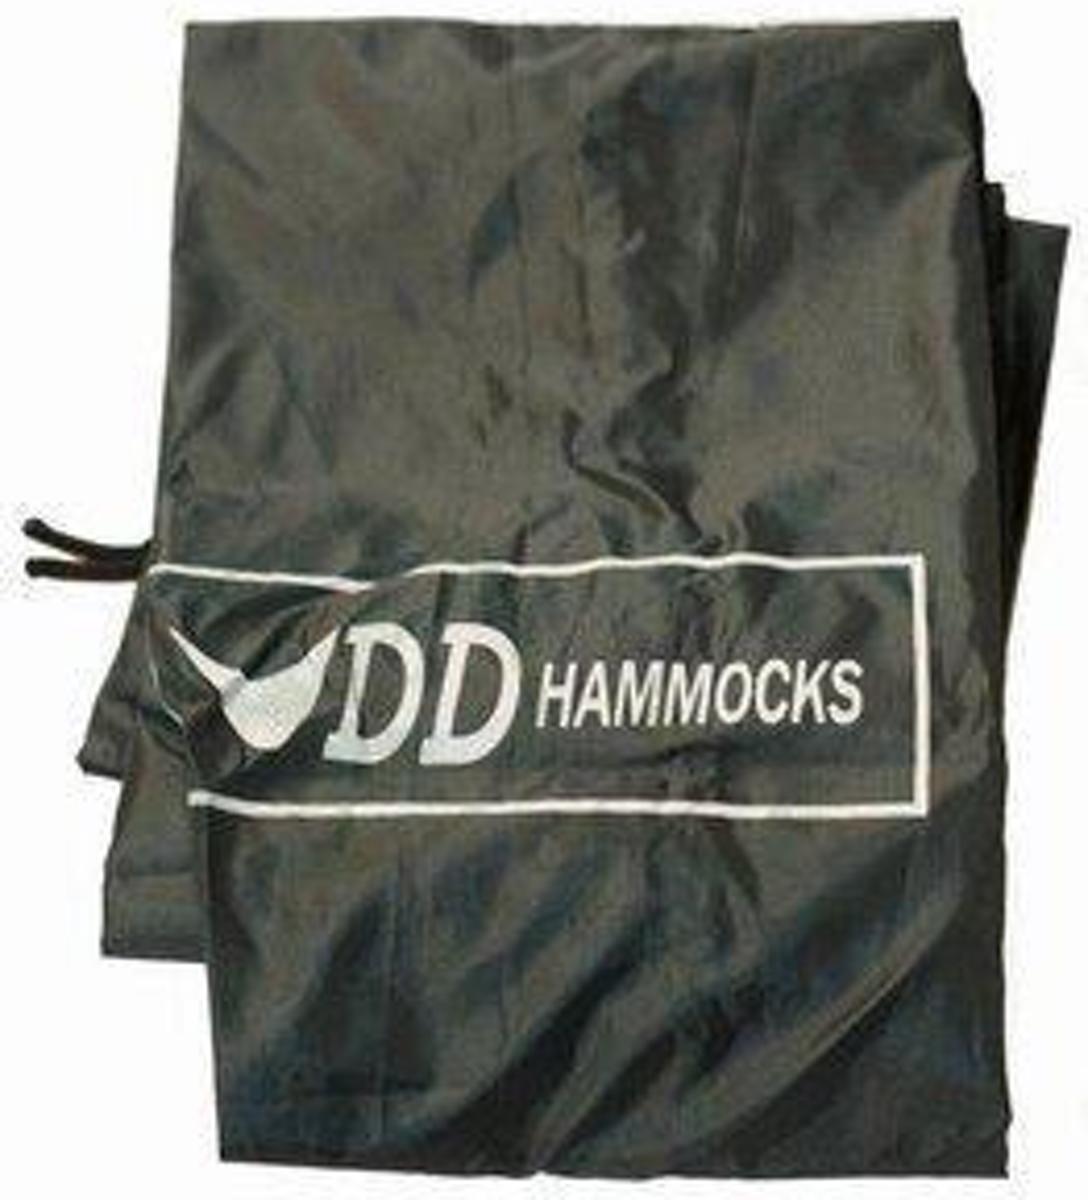 DD Hammocks Hangmat Hammock Sleeve  Coyote